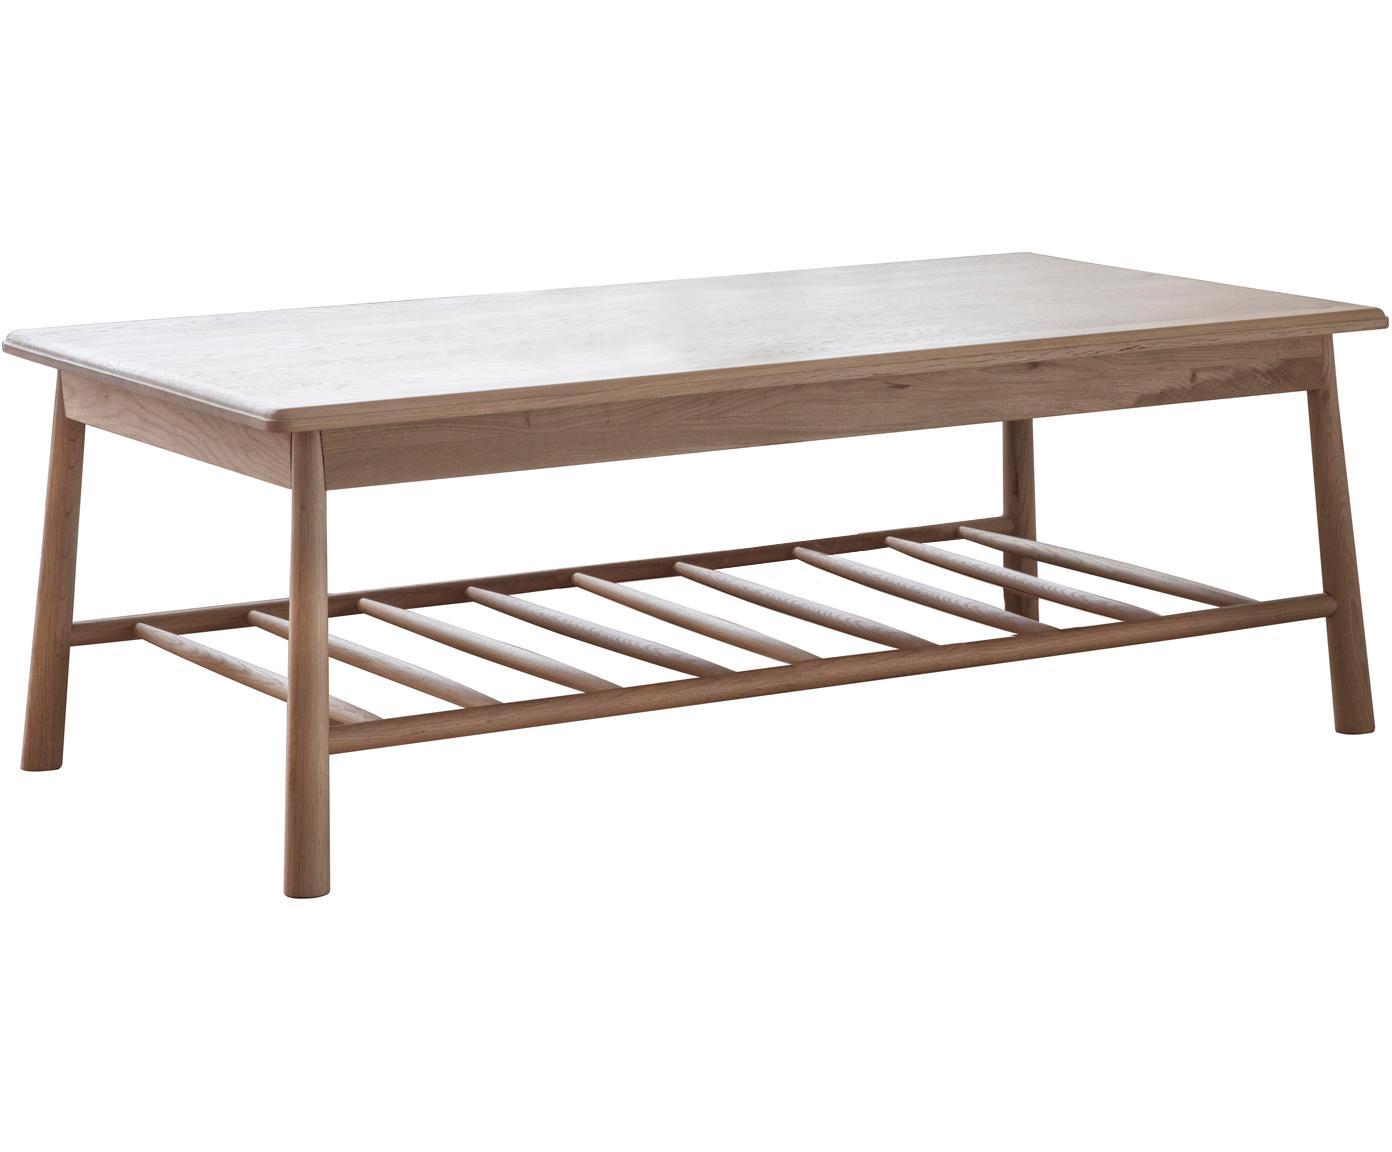 Stolik kawowy z drewna dębowego Wycombe, Drewno dębowe, S 120 x G 65 cm